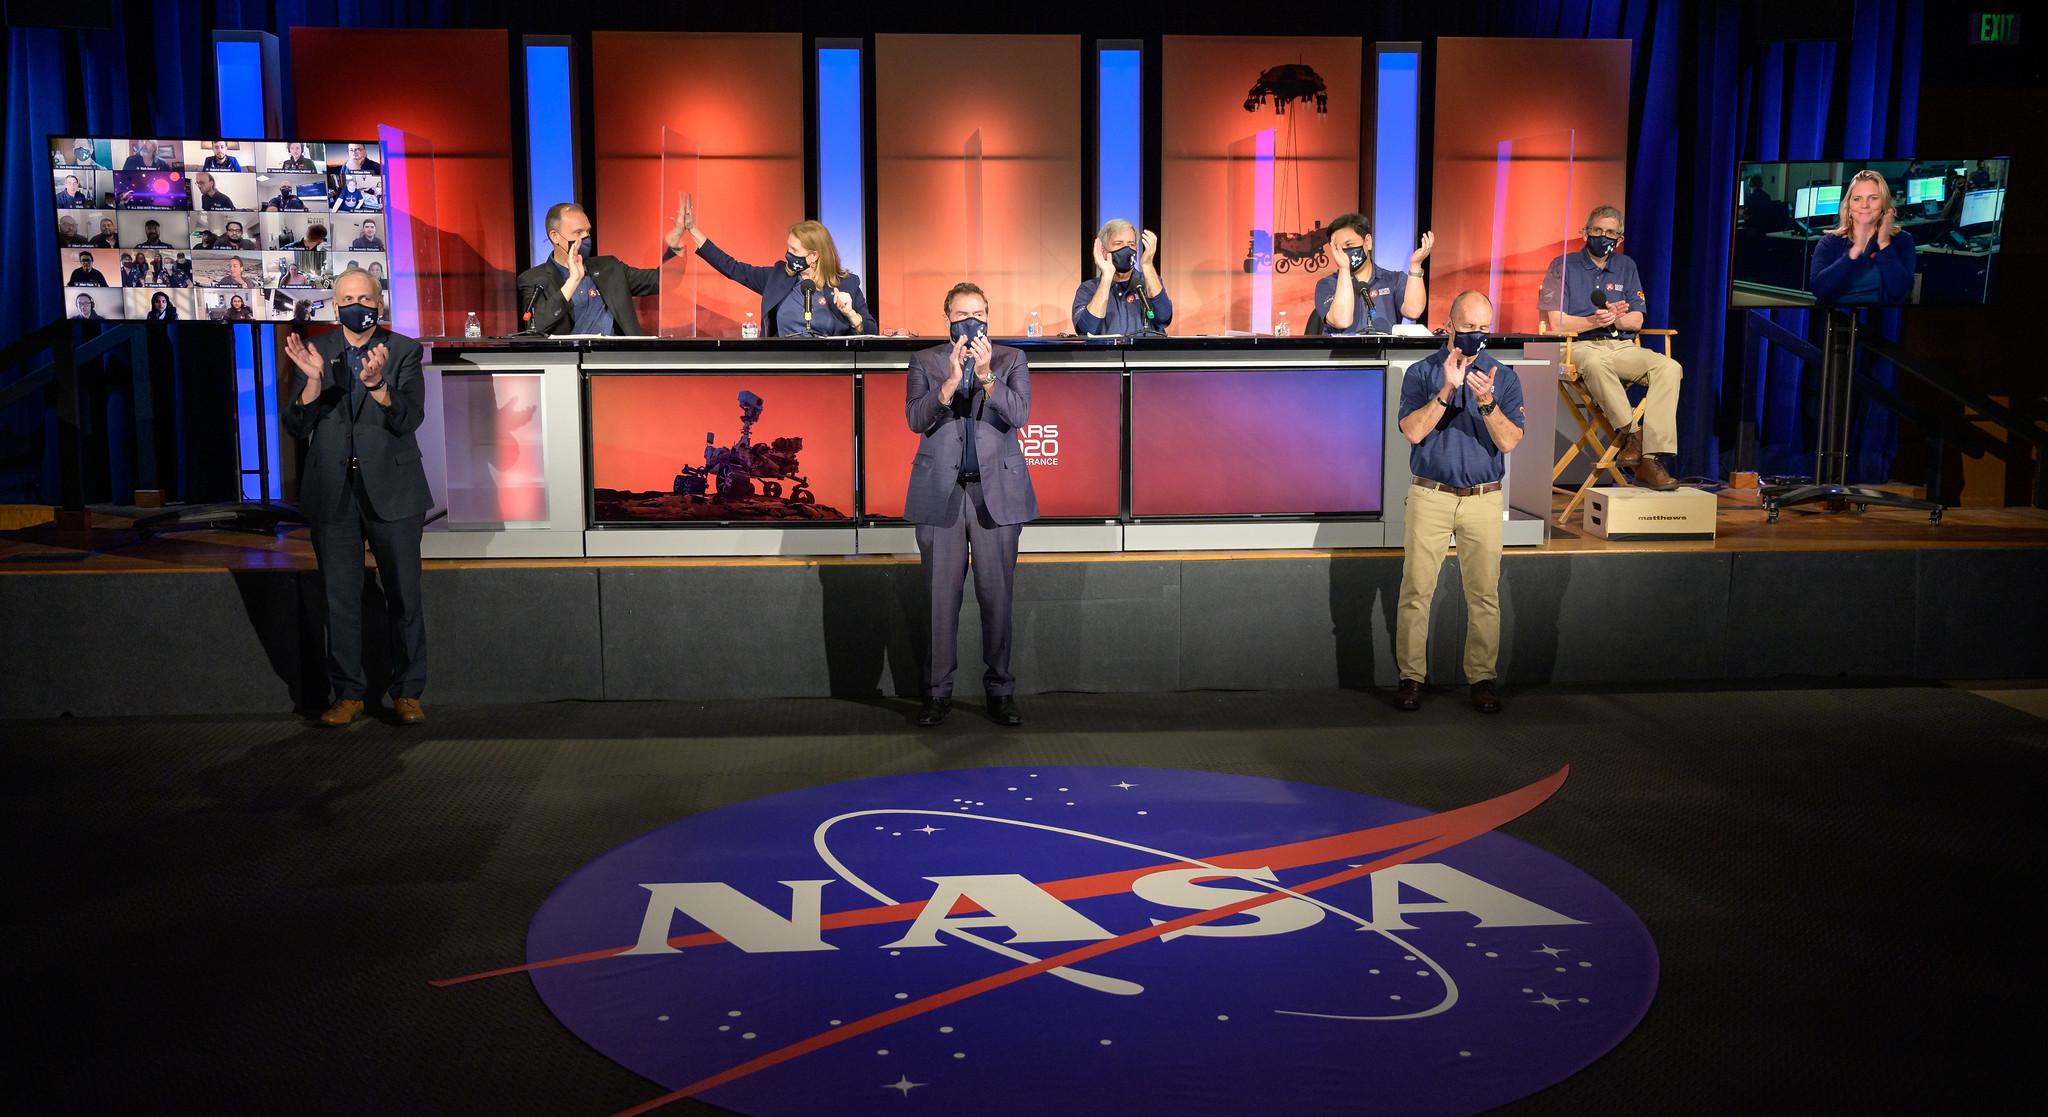 Посадка Mars Perseverance на Марс. Показуємо, що в цей час відбувалося на Землі